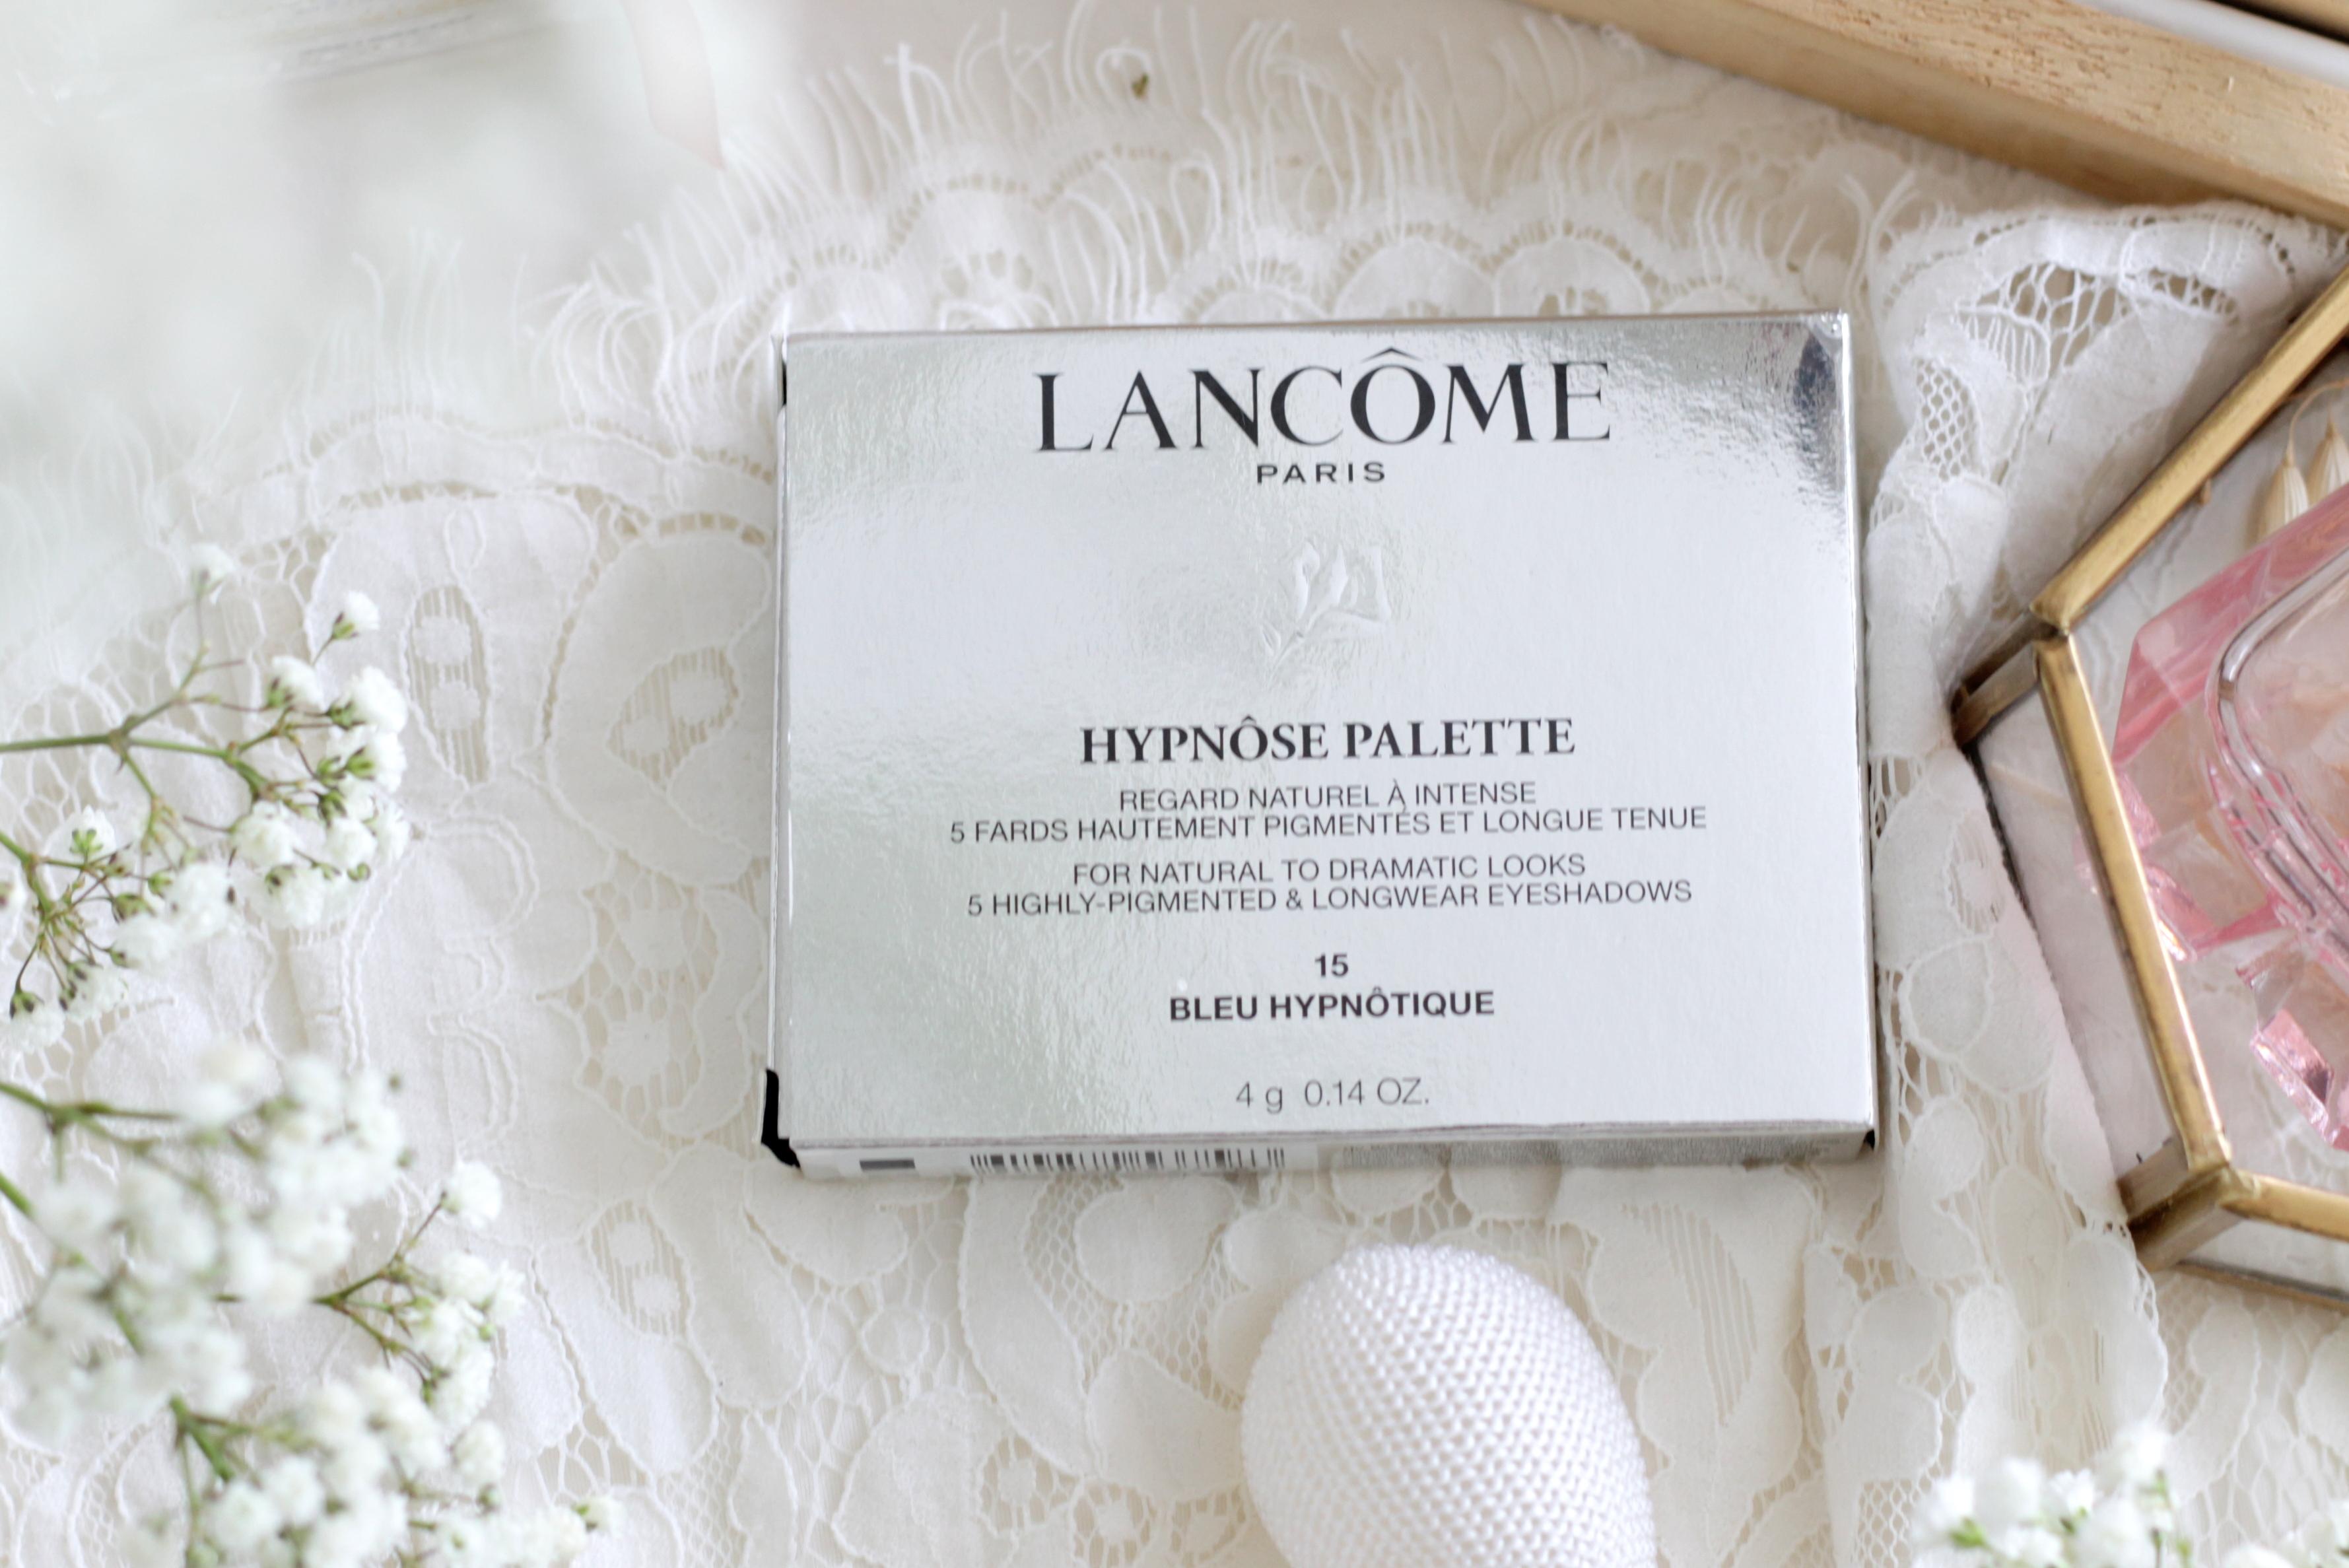 Lancôme Hypnose Palette